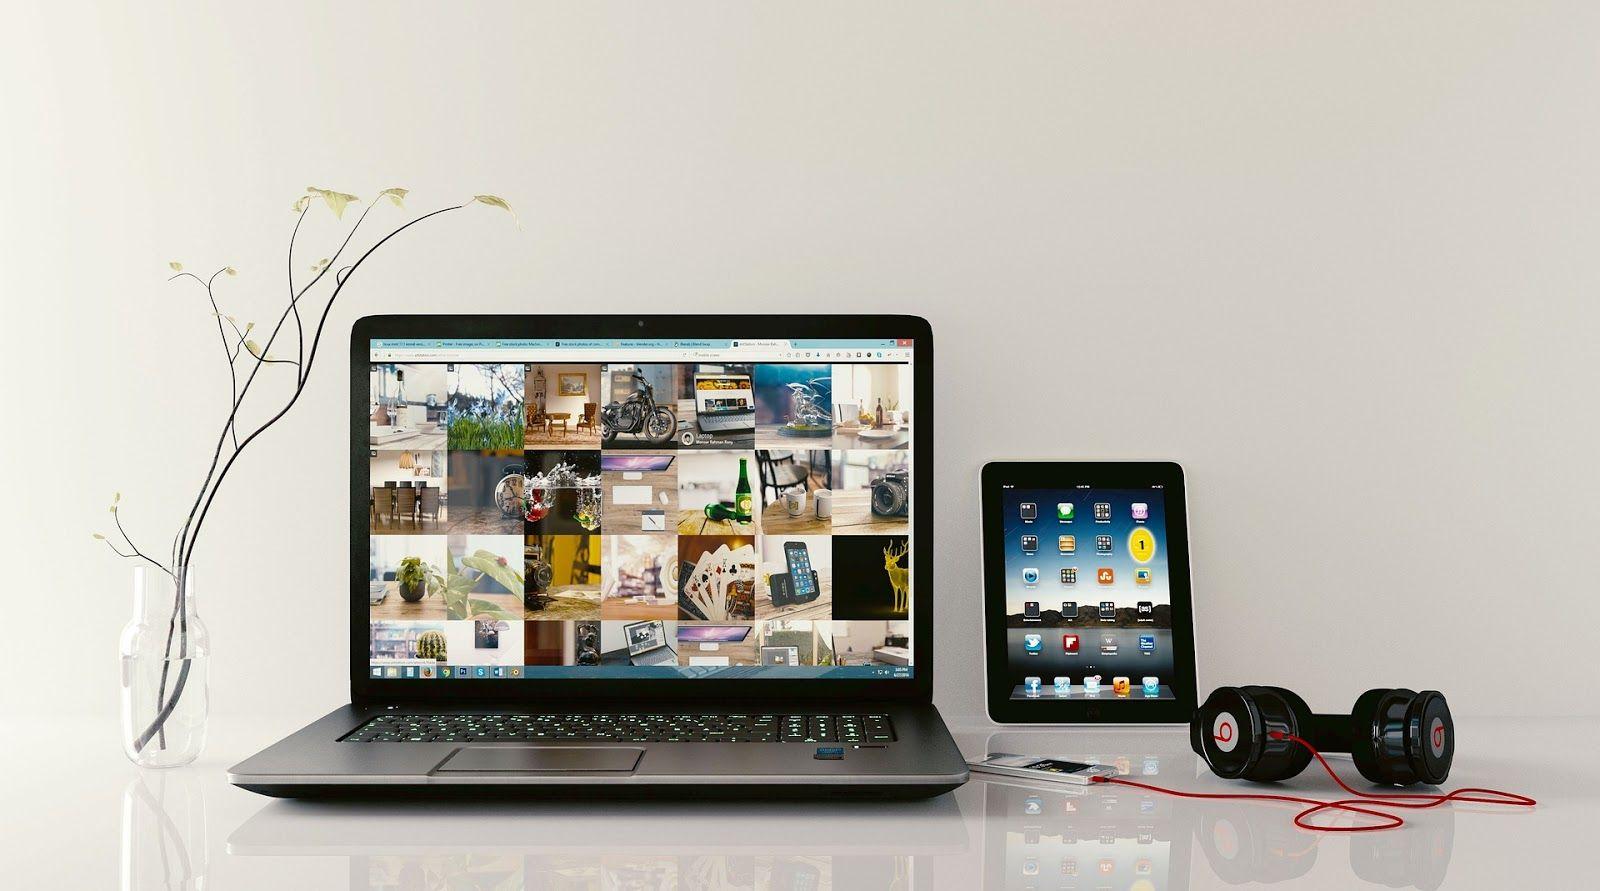 gagner de l 39 argent en ligne en travaillent comme t l op rateur la maison faites dans l. Black Bedroom Furniture Sets. Home Design Ideas